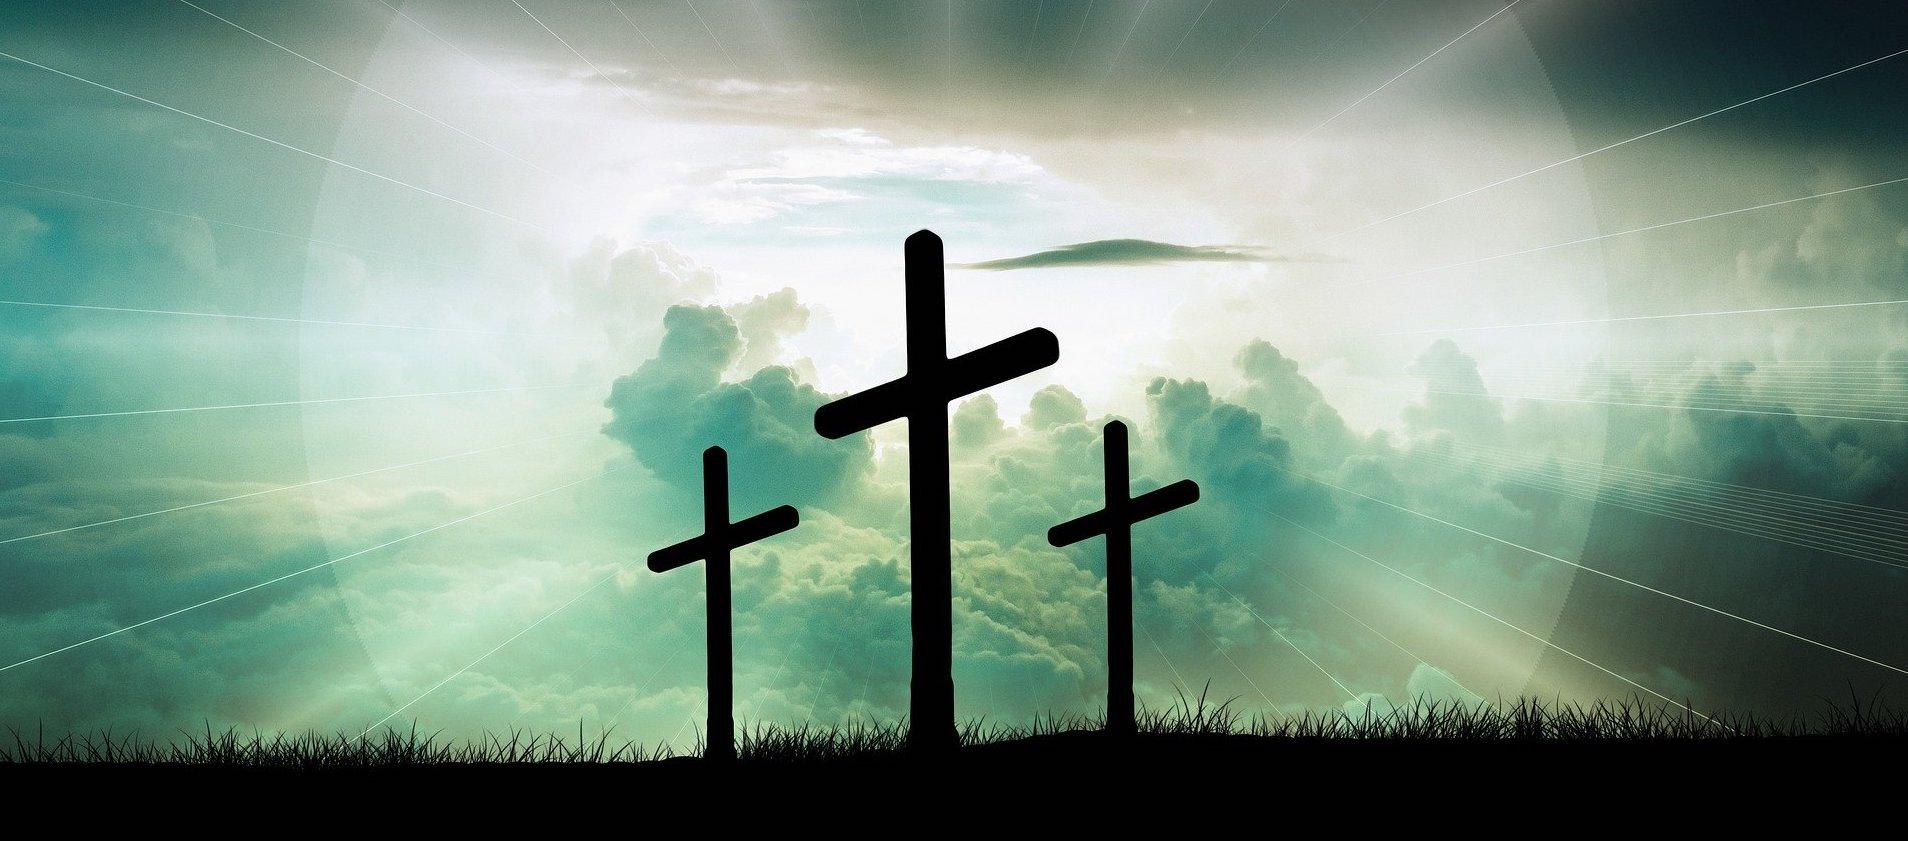 Silhouette von drei Kreuzen vor einem Leuchten im Hintergrund